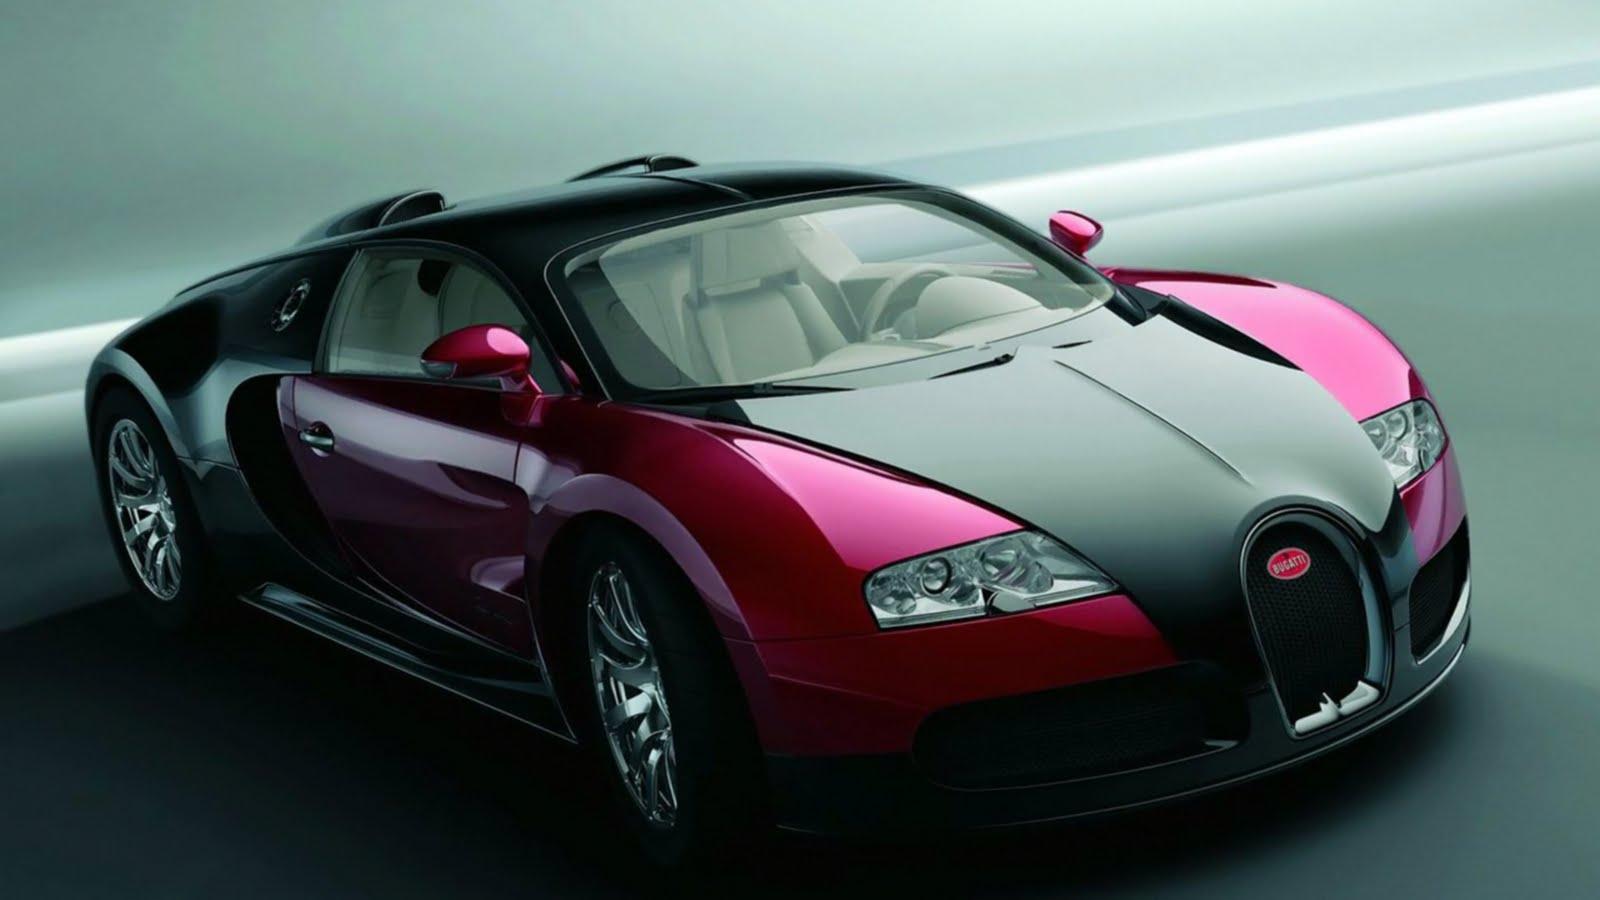 Sports Car, Racing Car, Luxury